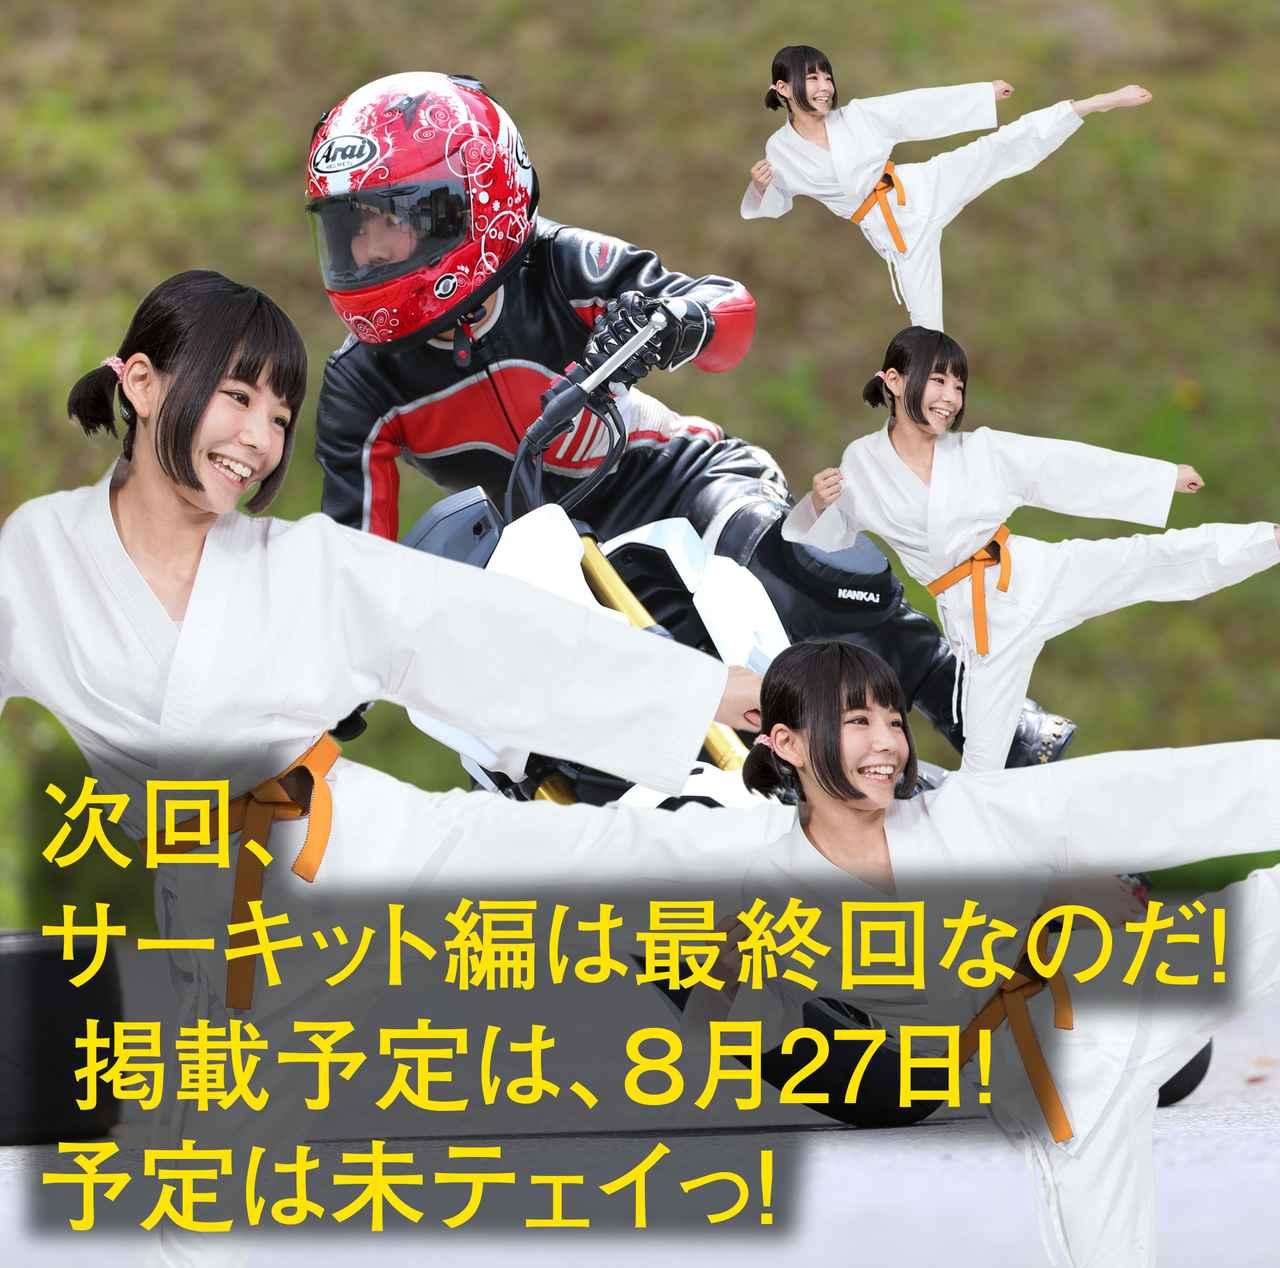 画像: そして、バイクをトランポに積むにはラダーっていうこんなハシゴが必要になってくるよー ↓↓↓↓